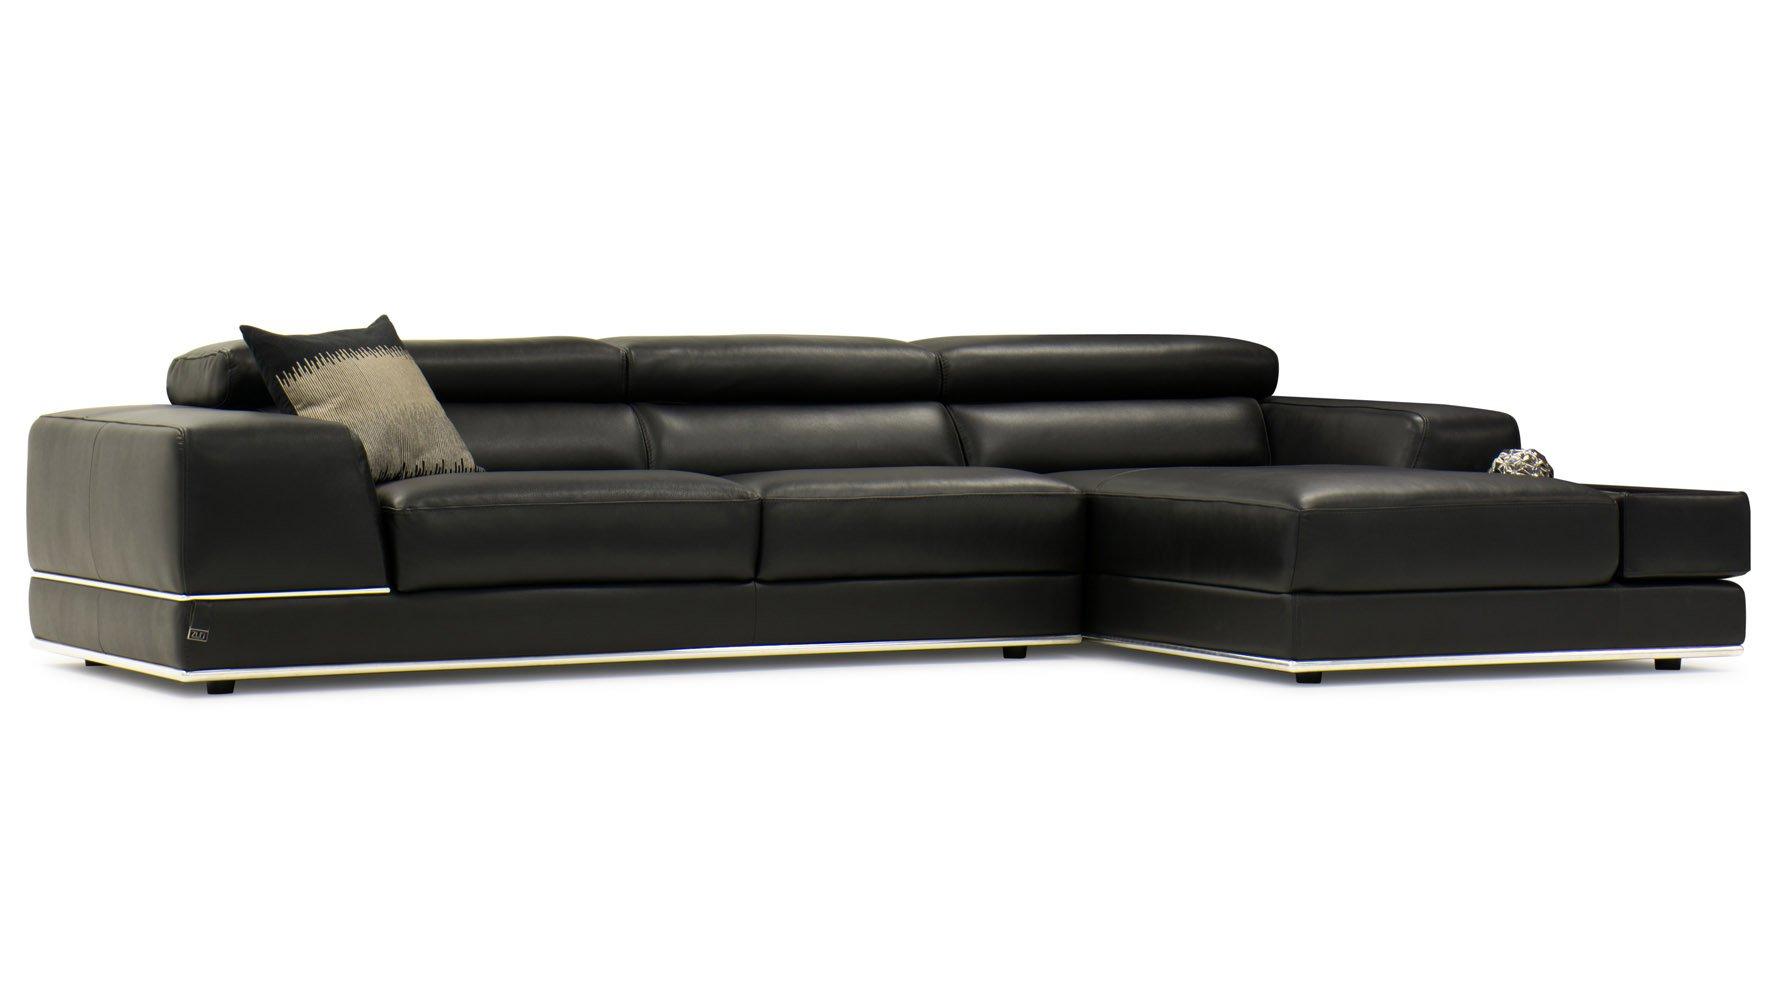 Encore black leather sofa zuri furniture for Ashley encore grain chaise